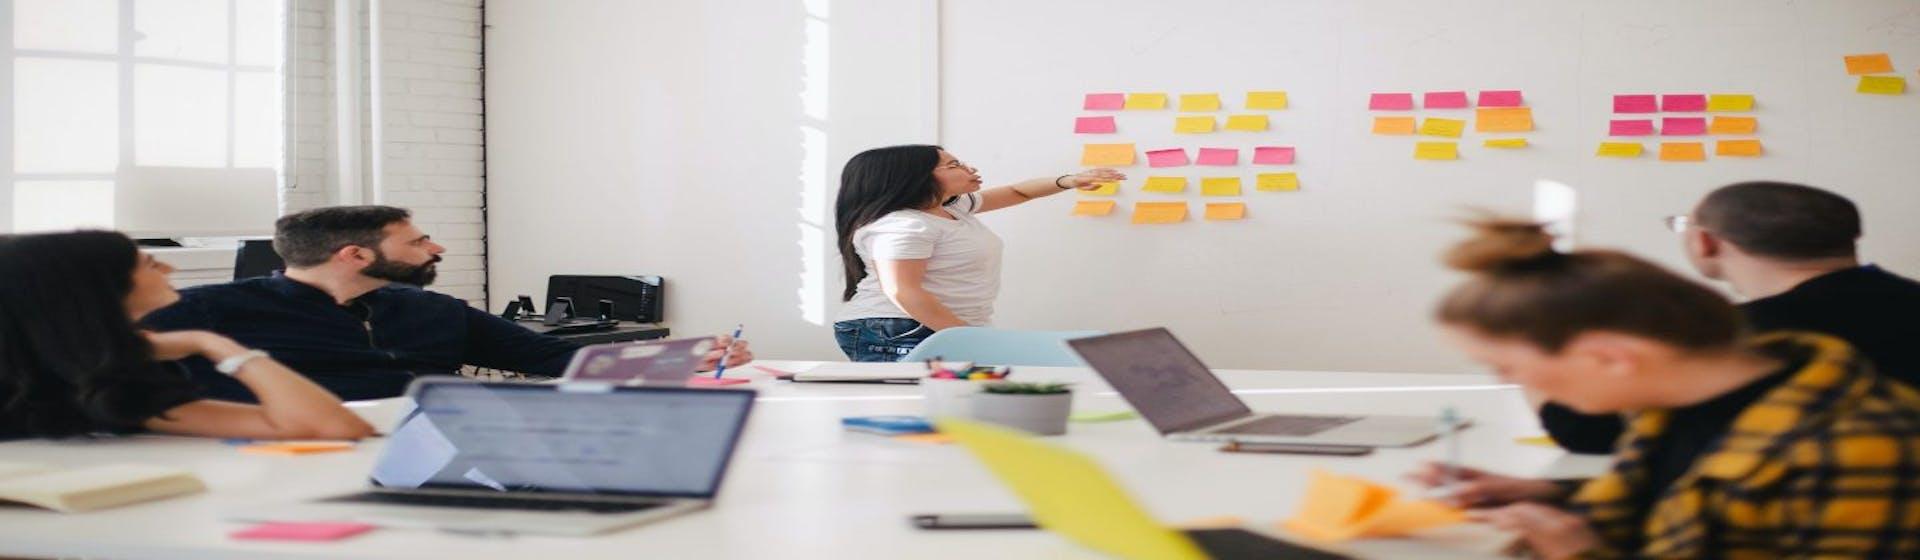 Quiénes somos: 10 ejemplos para la descripción de una empresa en 2021